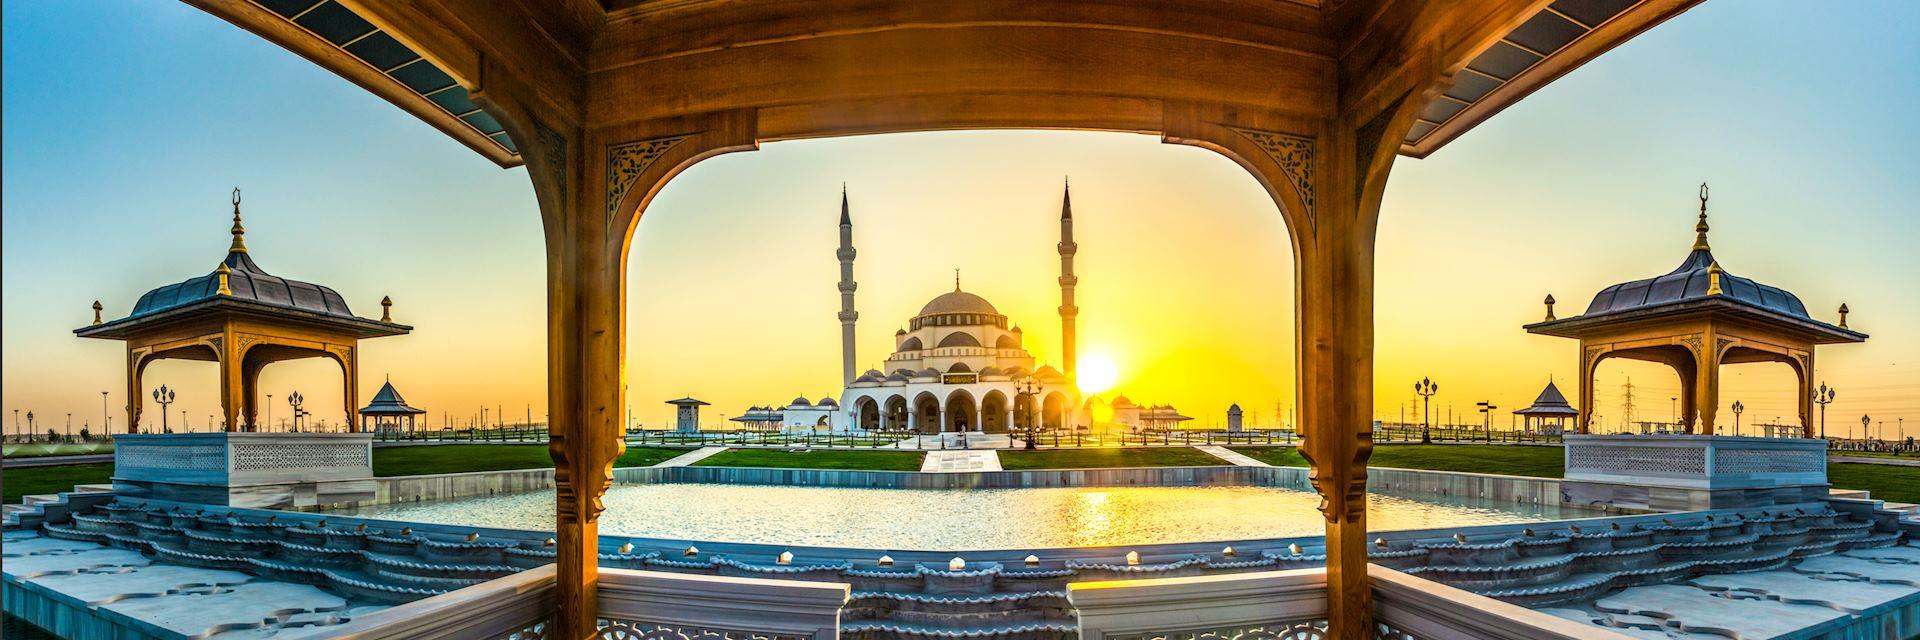 Sharjah Mosque, Dubai